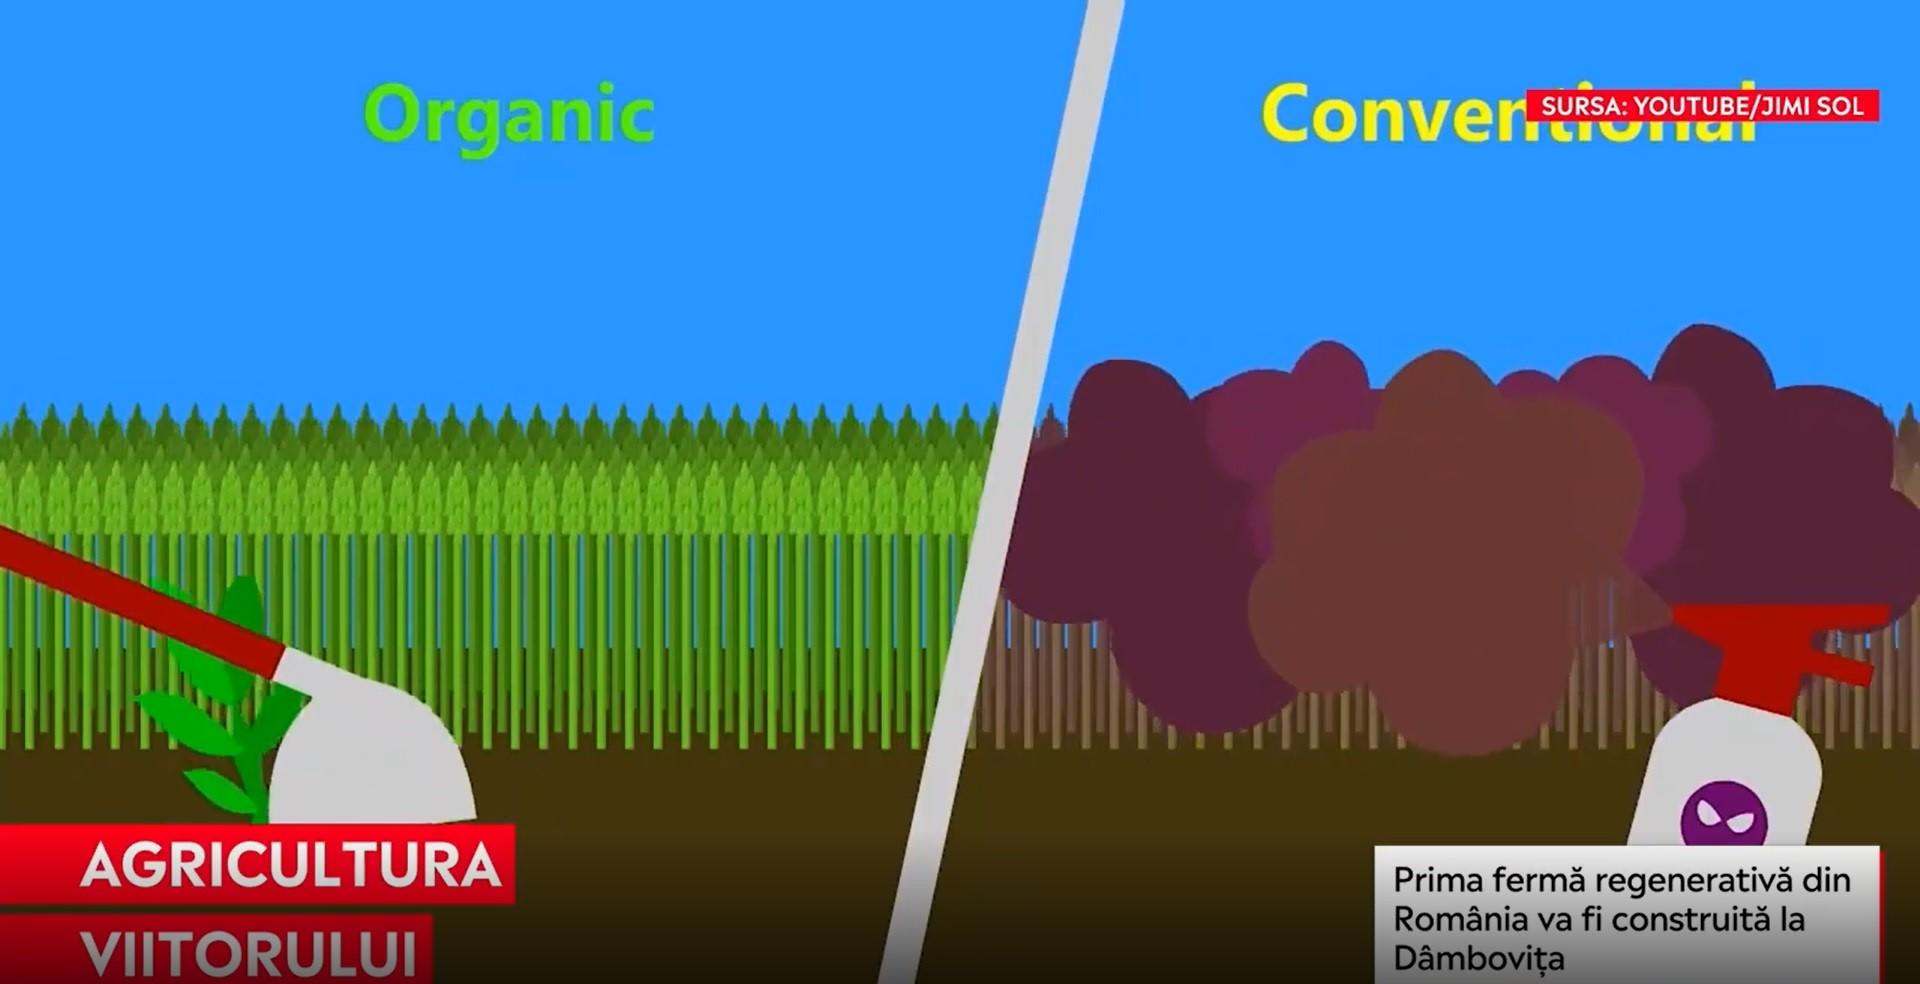 Prima fermă regenerativă din România va fi construită la Dâmbovița. Stagii de practică pentru noua agricultură